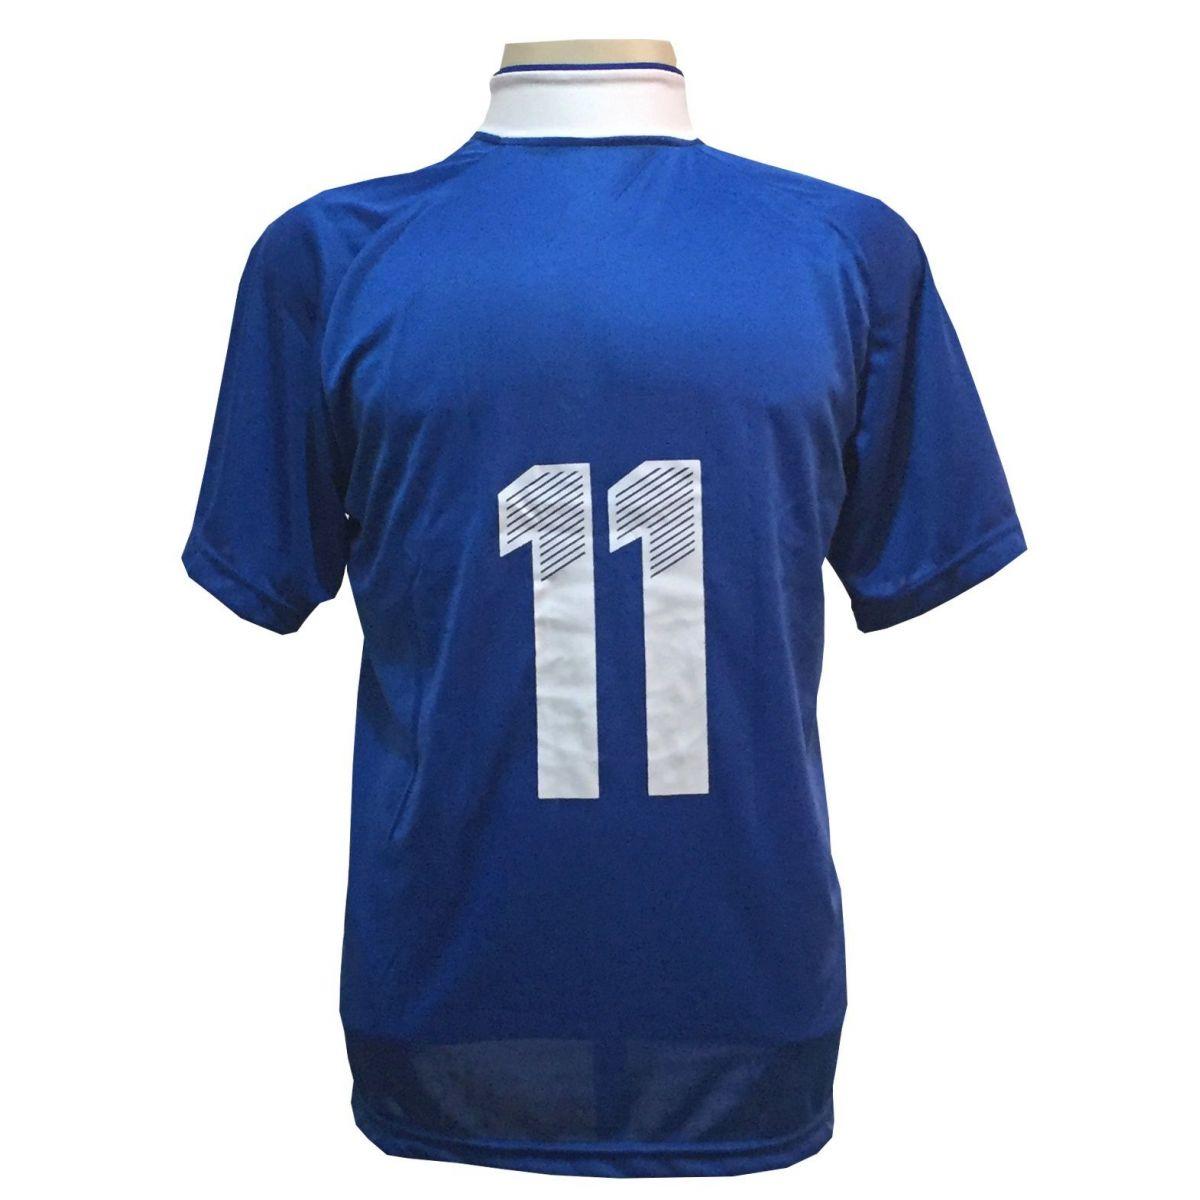 Fardamento Completo modelo Milan Azul Royal/Branco 12+1 (12 camisas + 12 calções + 13 pares de meiões + 1 conjunto de goleiro) - Frete Grátis Brasil + Brindes